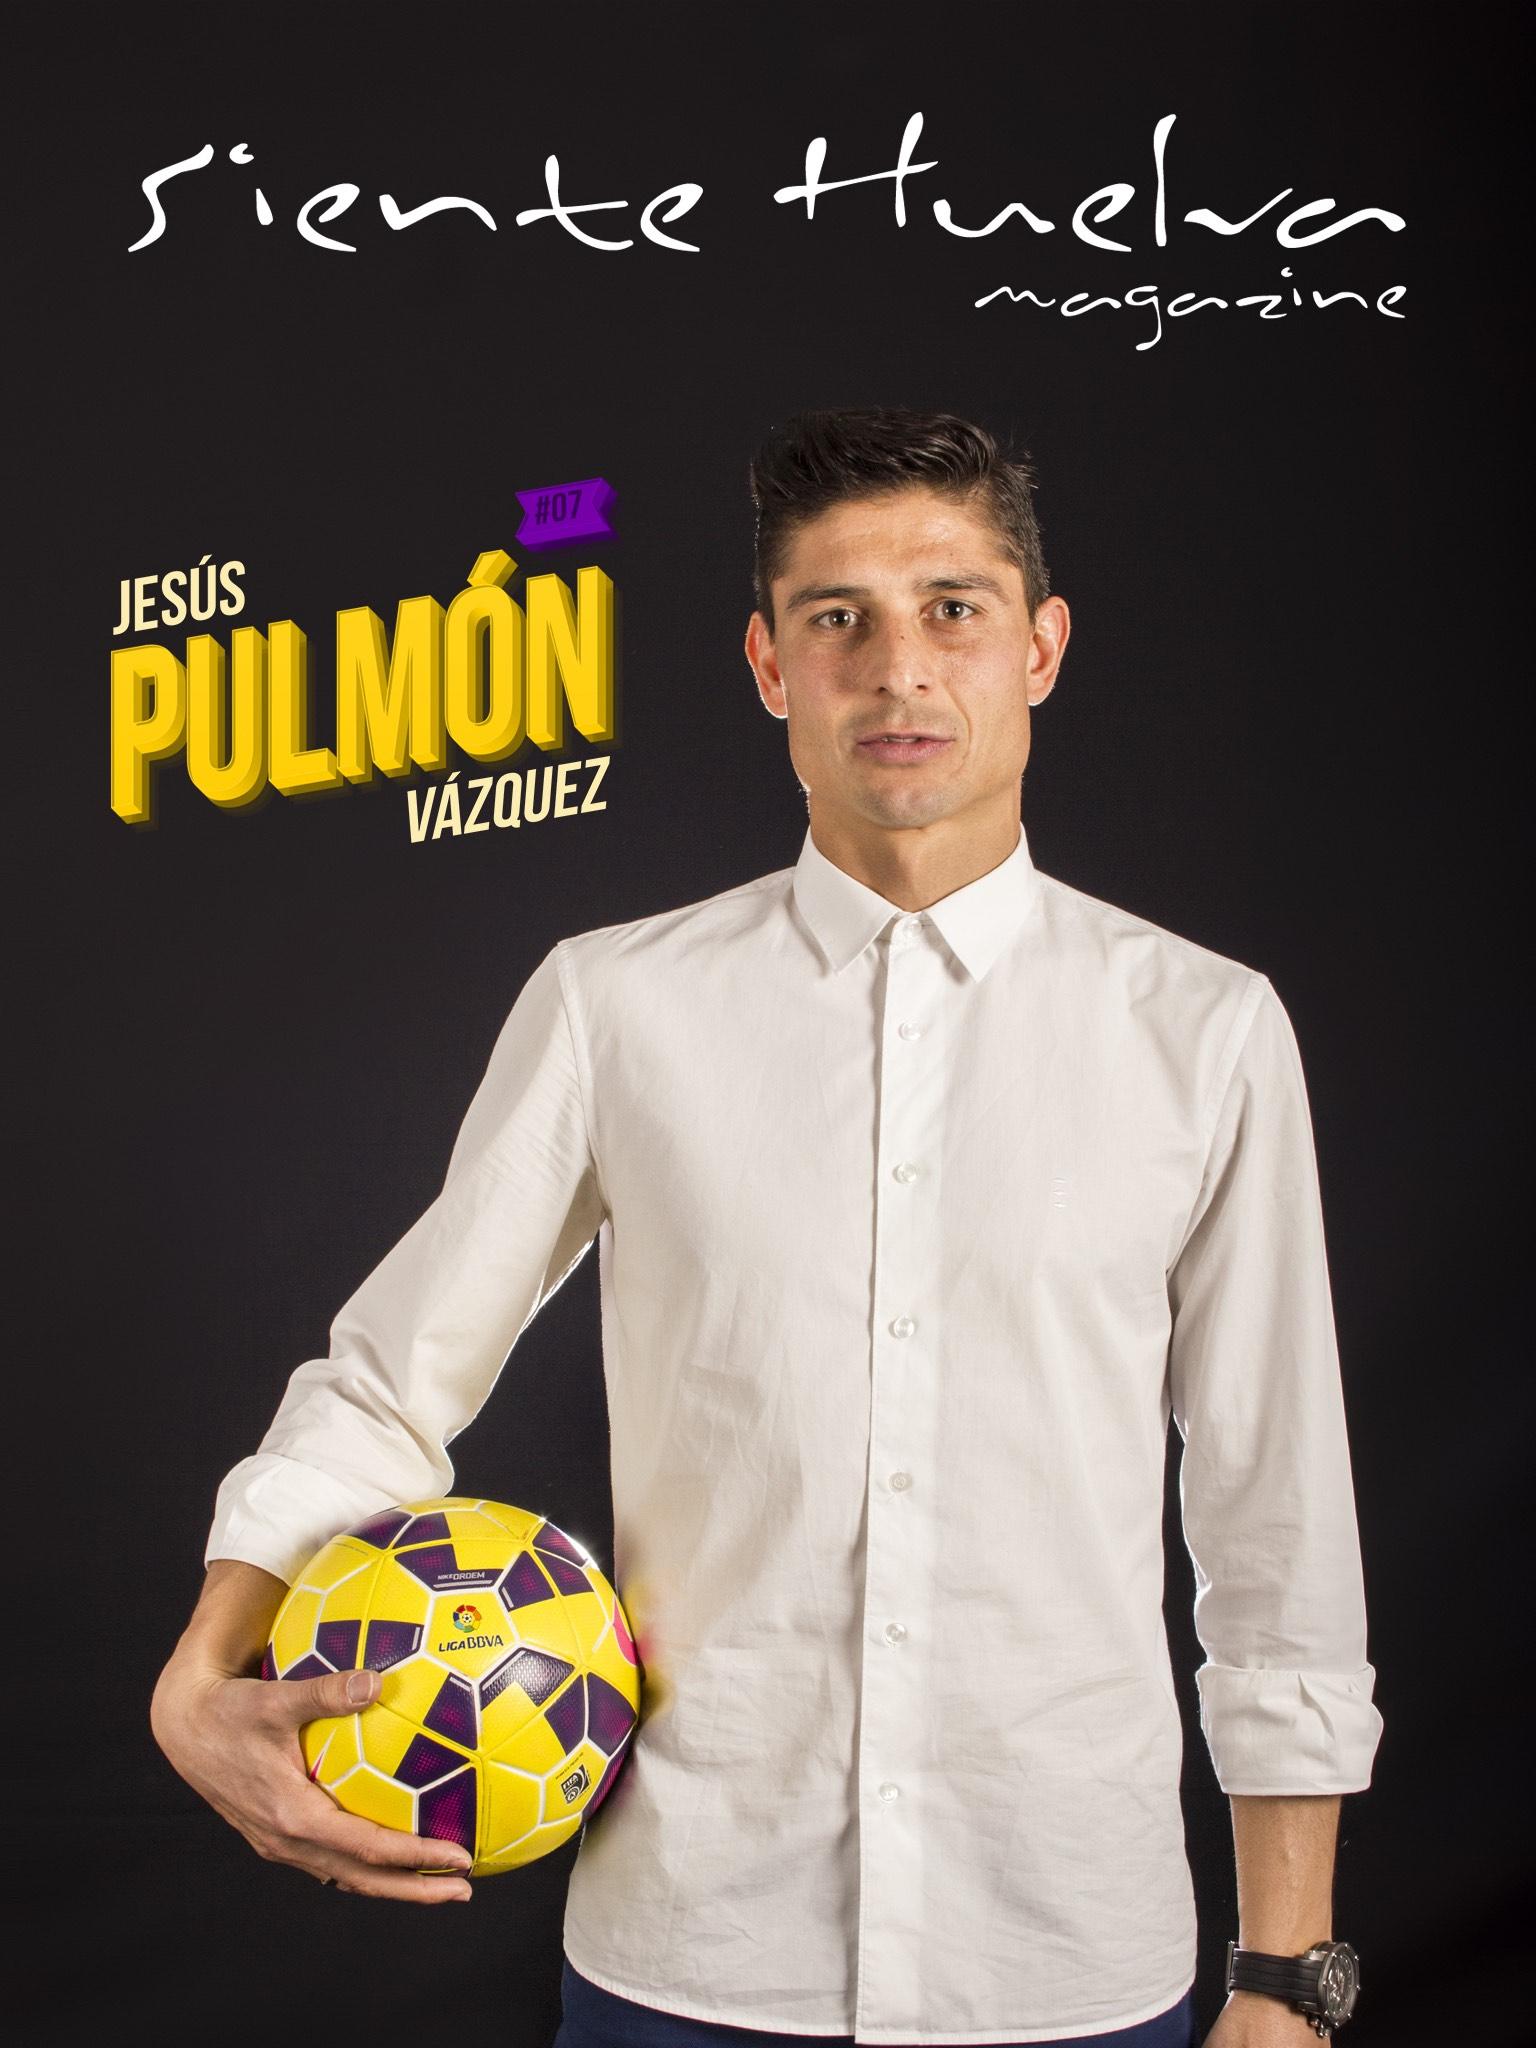 portada-jesusvazquez-sientehuelva